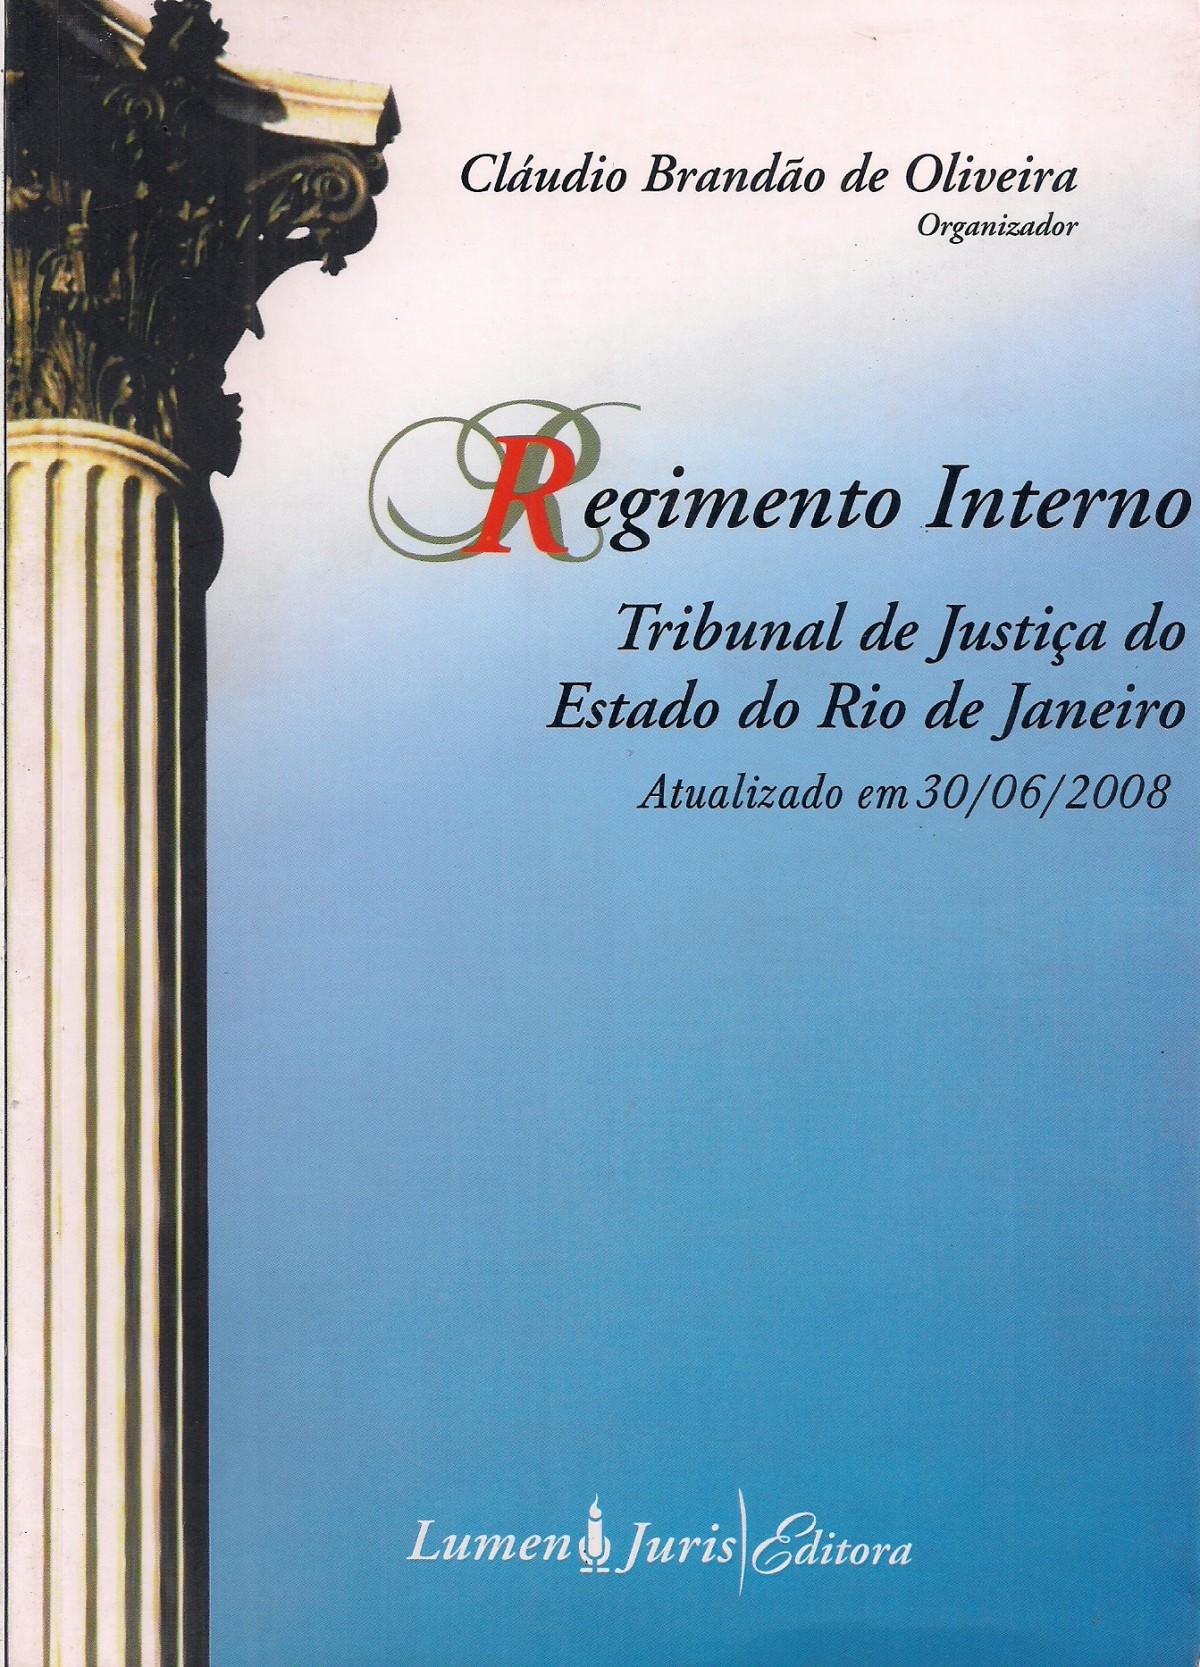 Foto 1 - Regimento Interno: Tribunal de Justiça do Estado do Rio de Janeiro